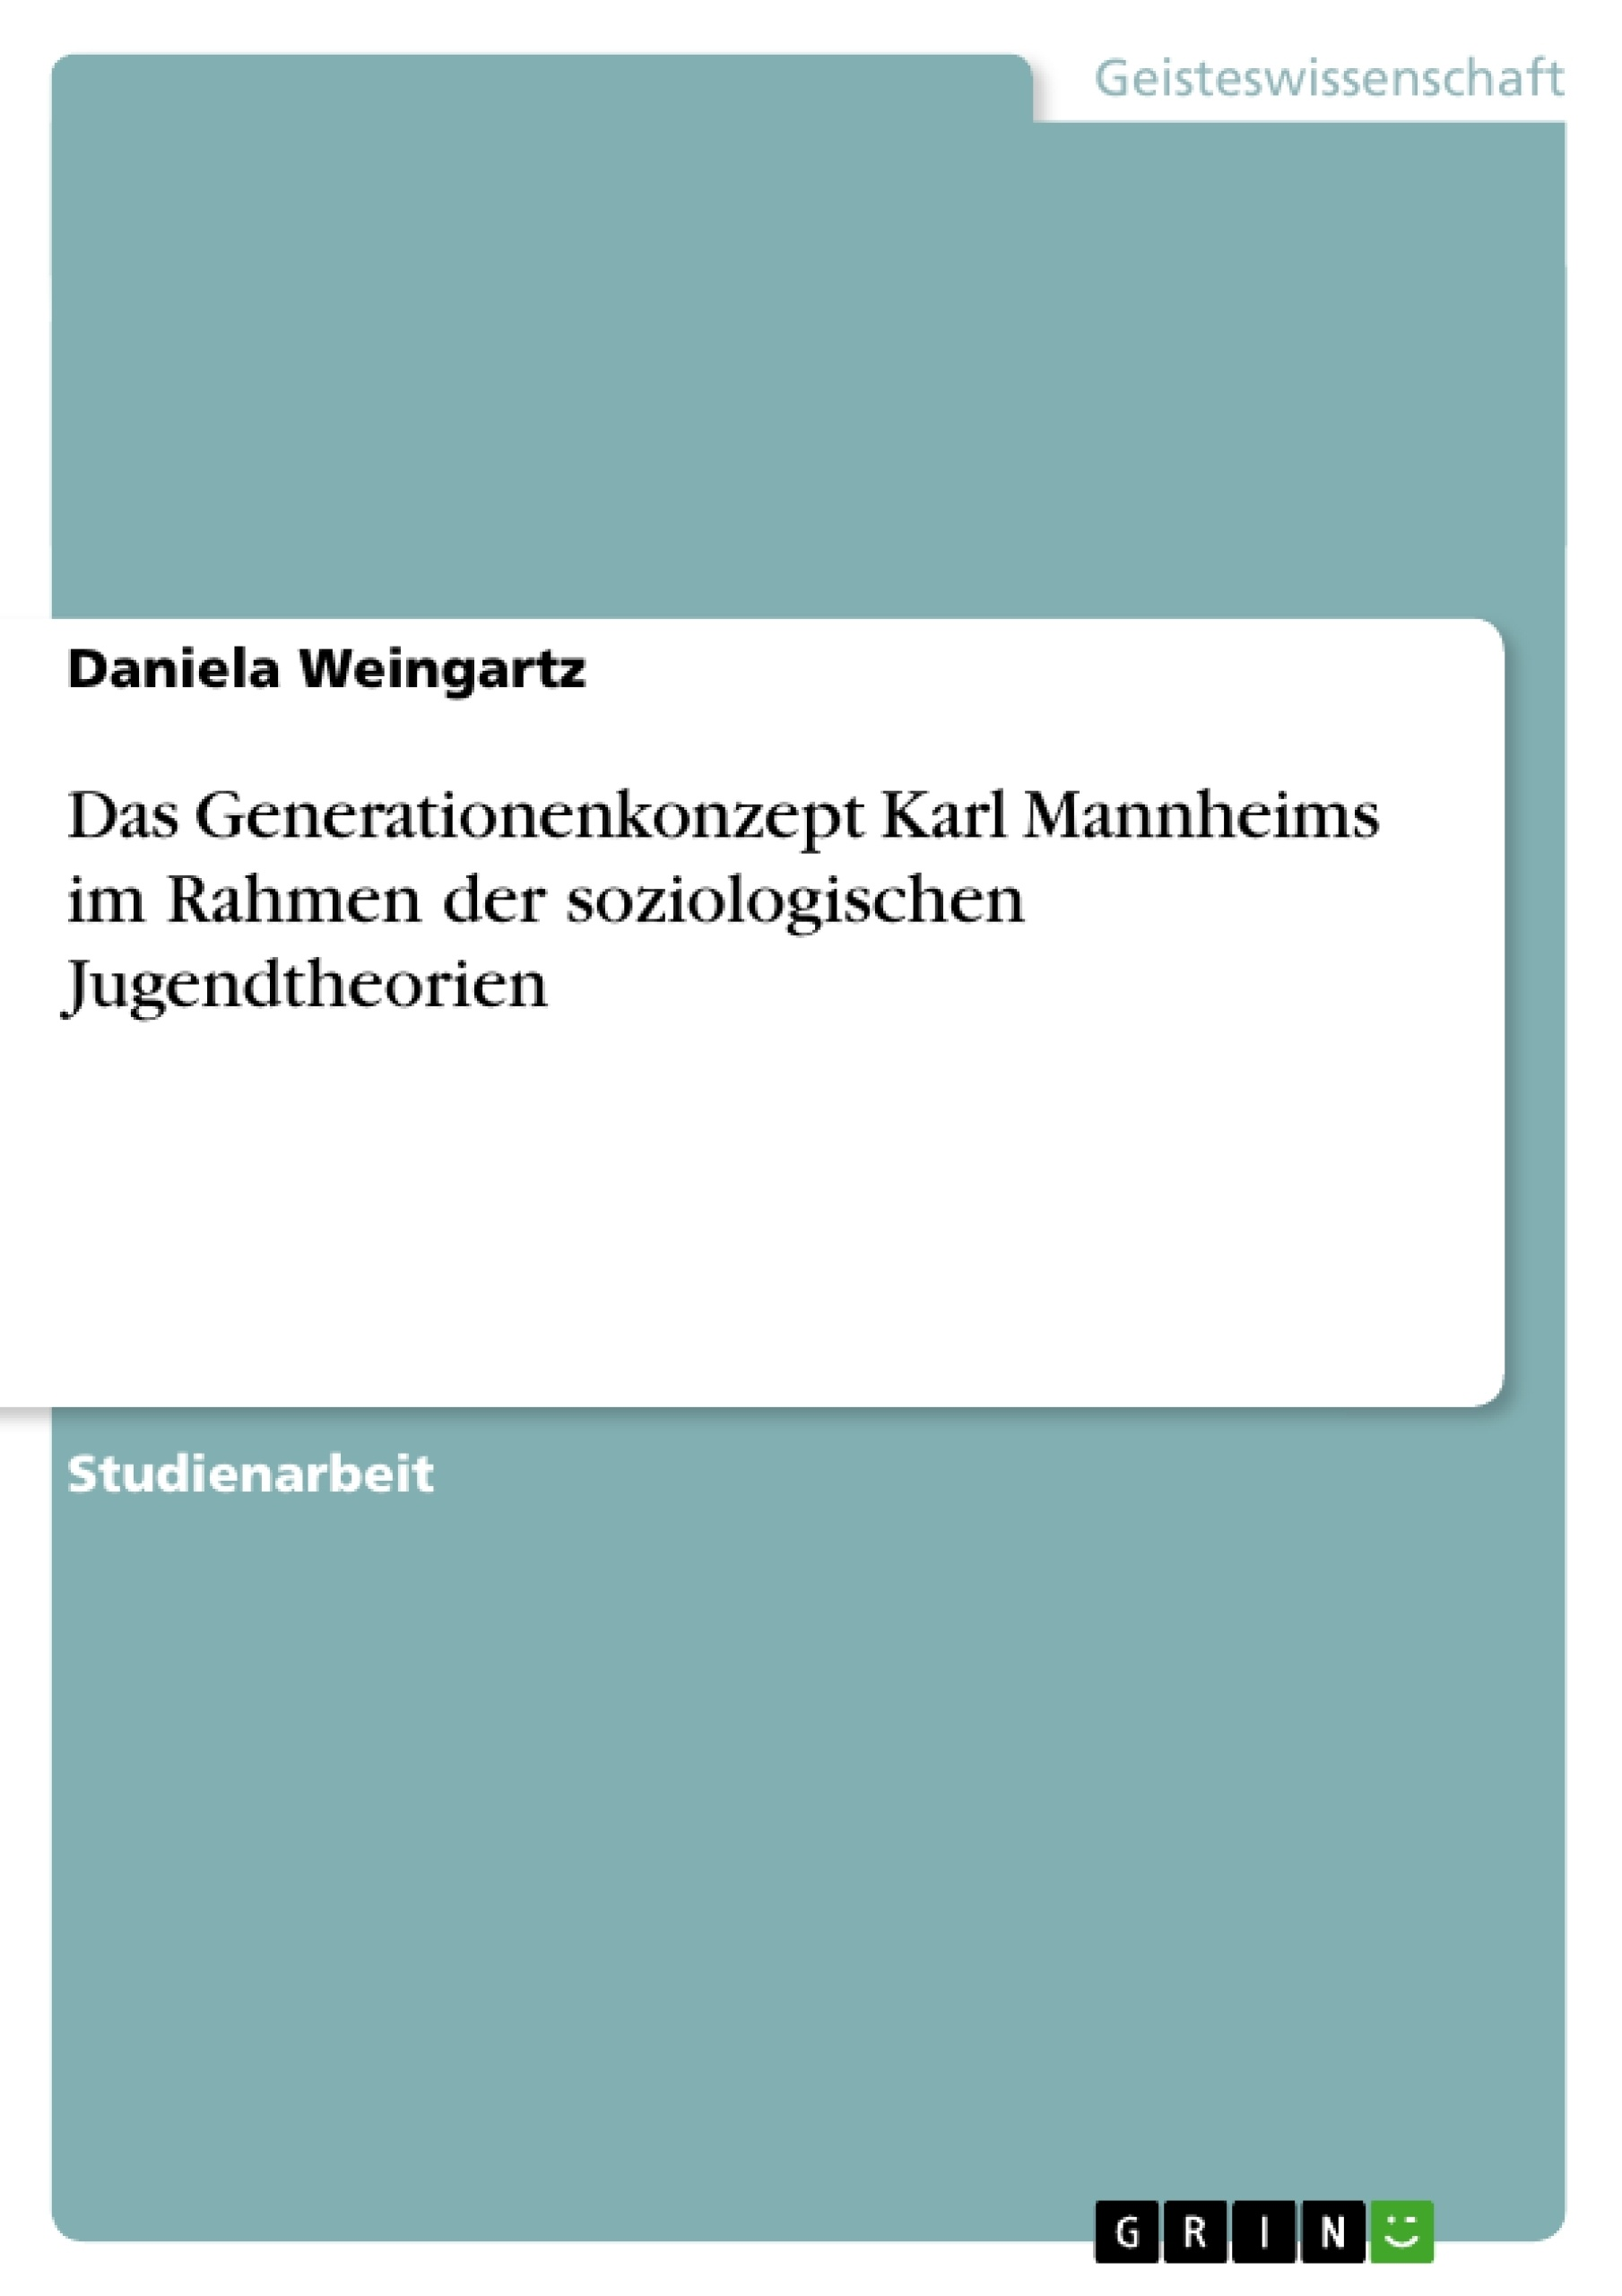 Titel: Das Generationenkonzept Karl Mannheims im Rahmen der soziologischen Jugendtheorien